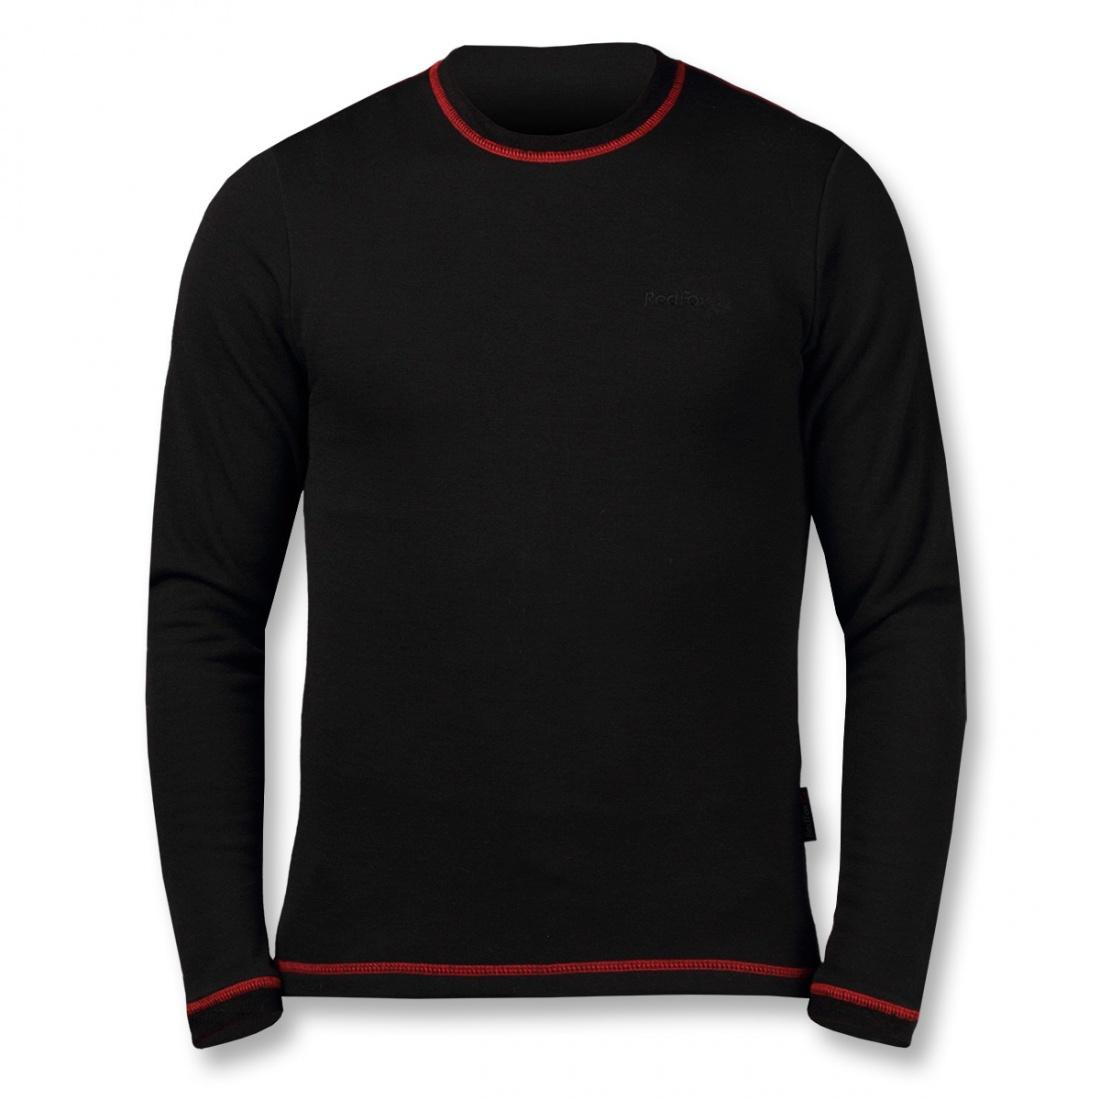 Фото - Термобелье футболка Wool Dry от Red Fox Термобелье футболка Wool Dry (54, 1000/черный, ,)